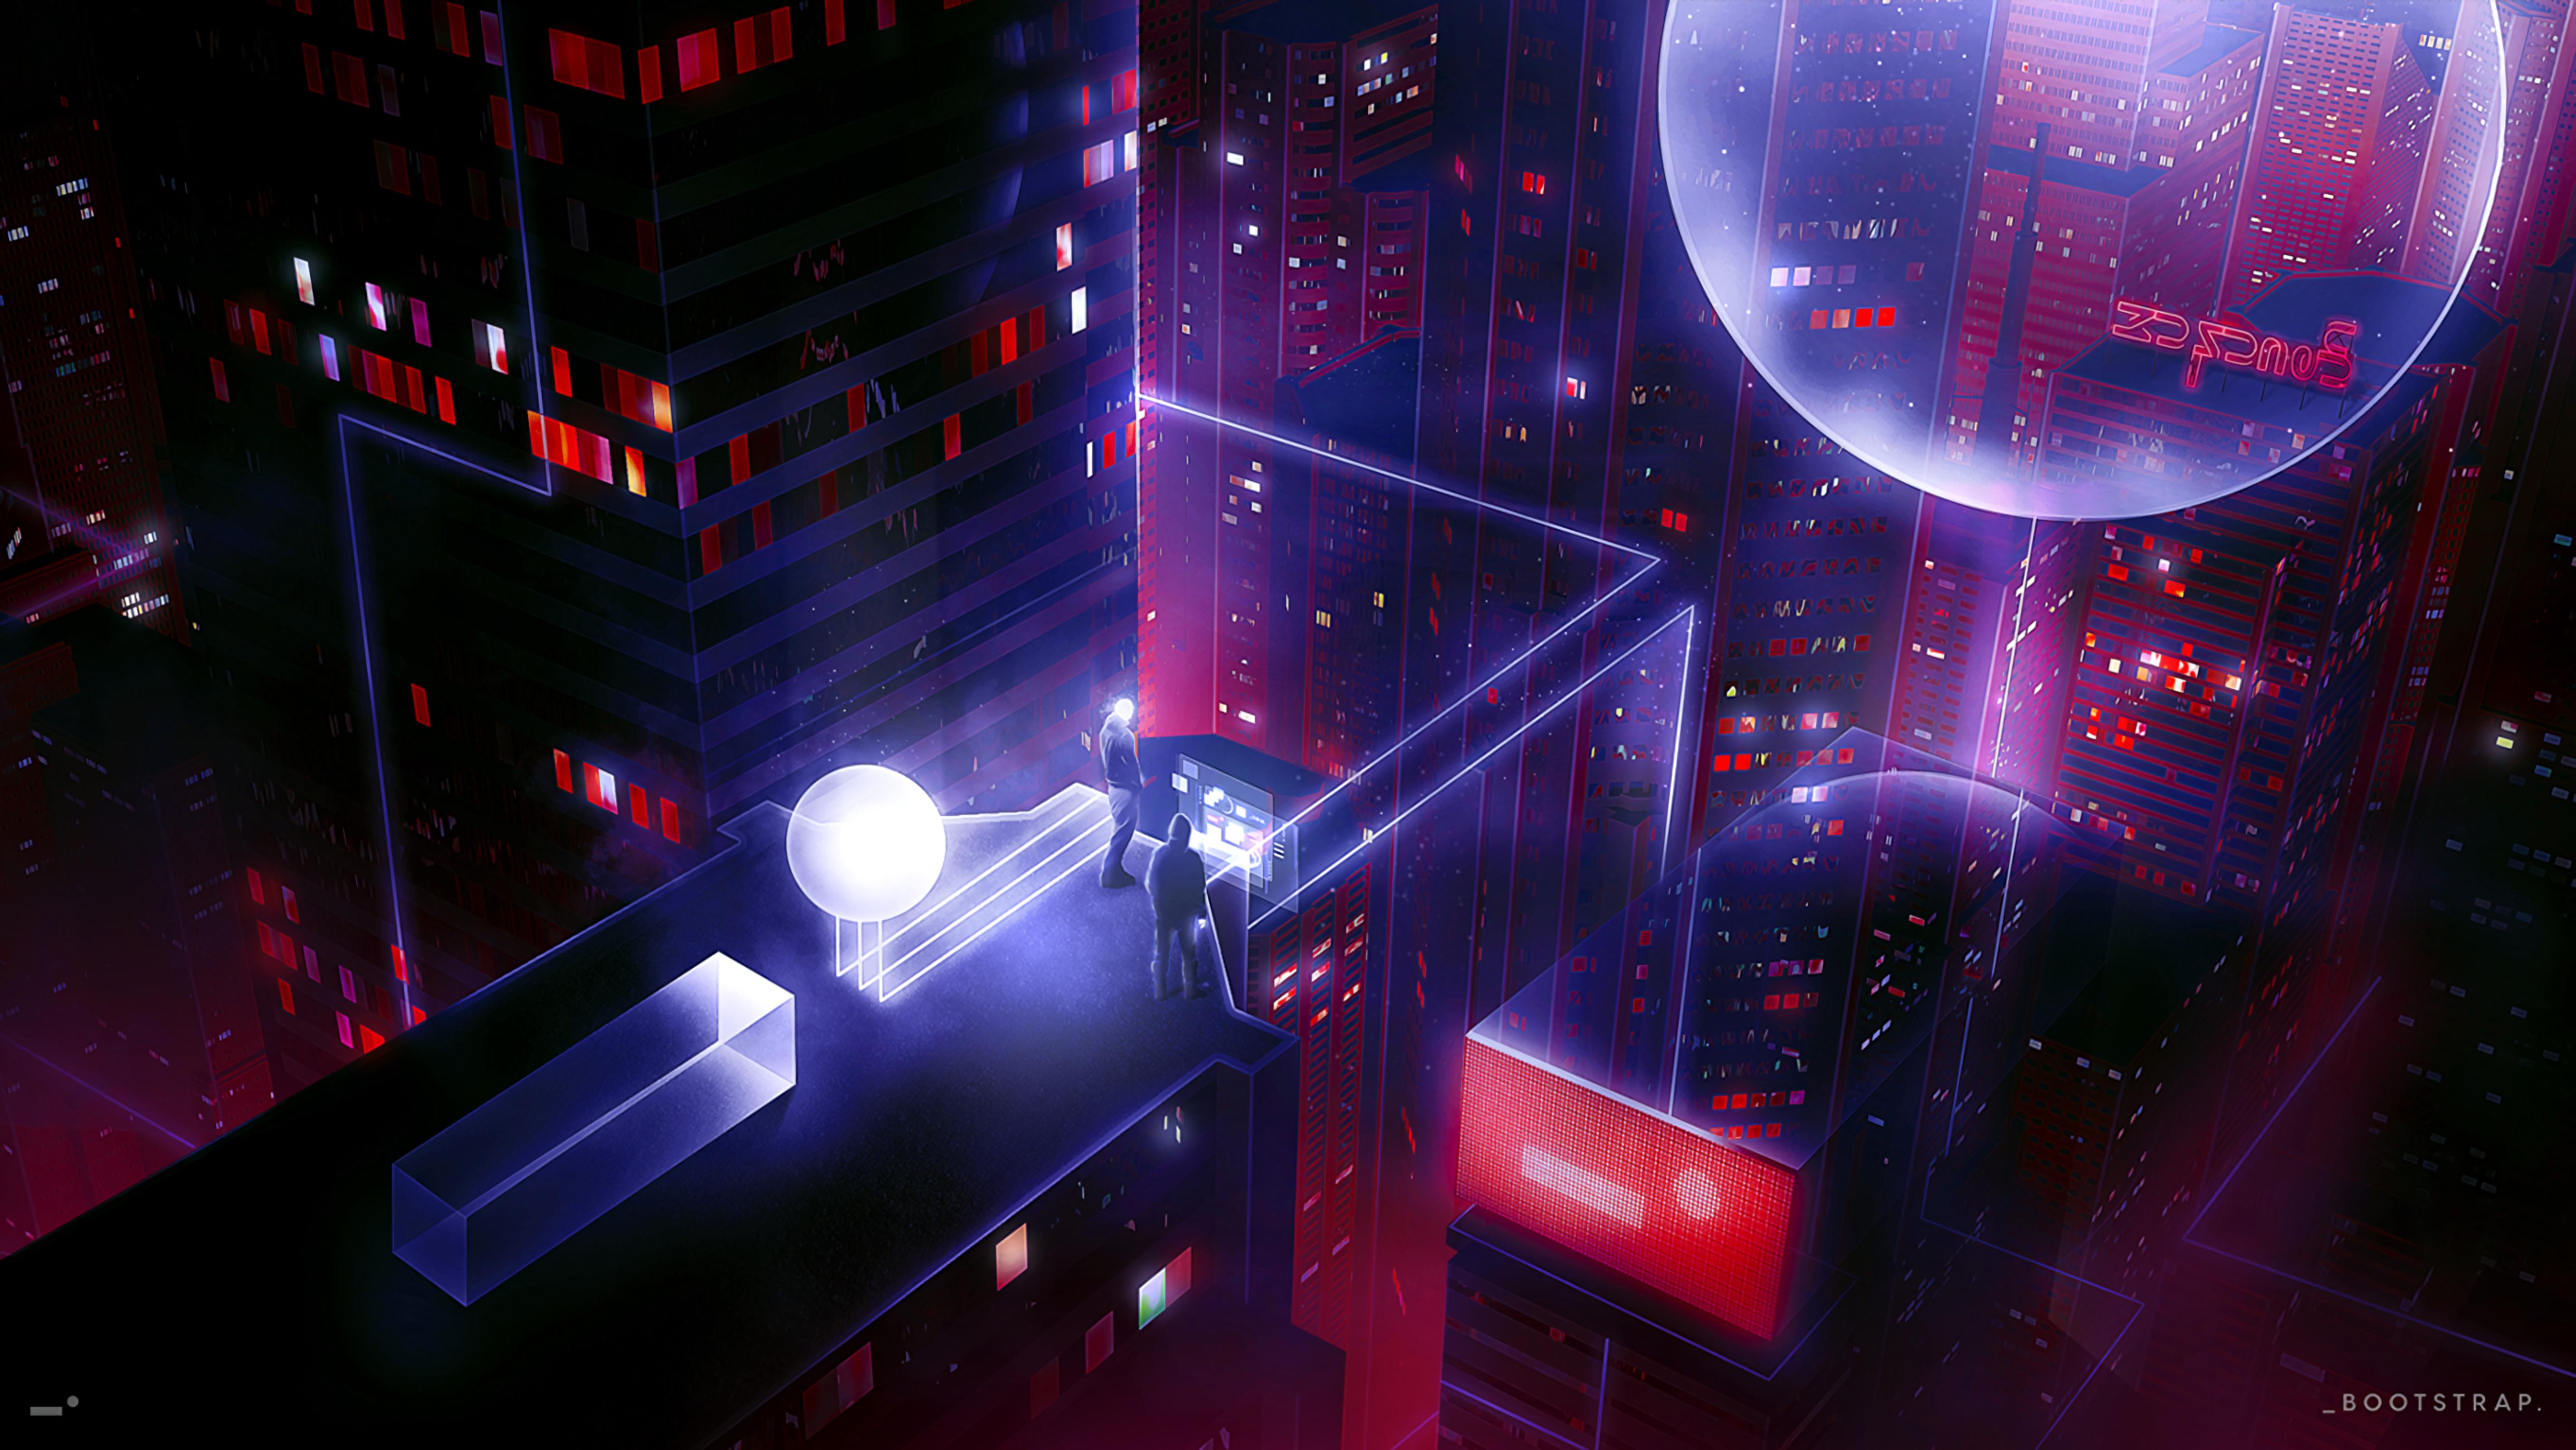 148595 fond d'écran 720x1280 sur votre téléphone gratuitement, téléchargez des images Personnes, Art, Cyberpunk, Toit, Science-Fiction 720x1280 sur votre mobile